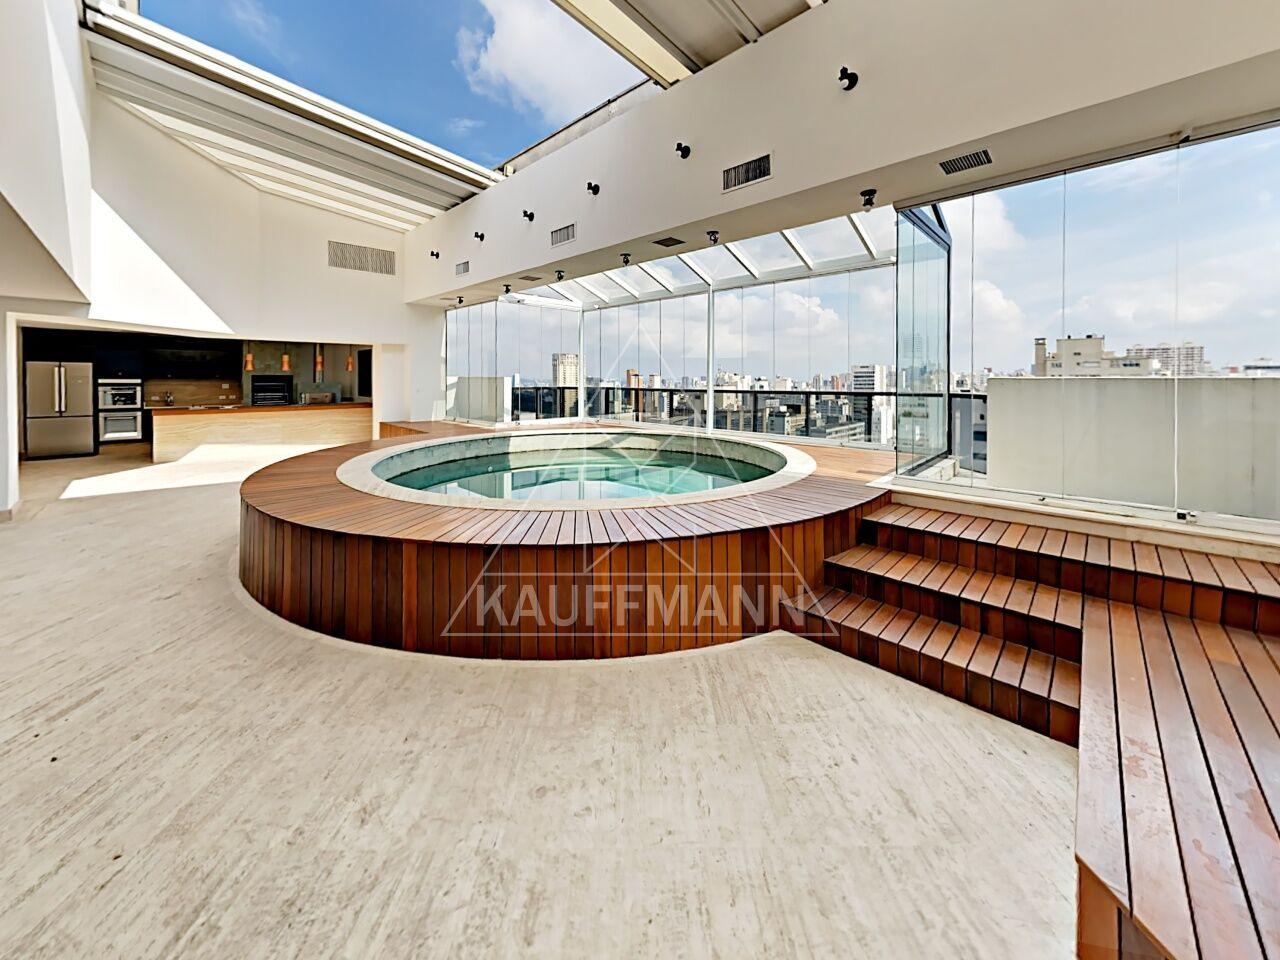 apartamento-venda-sao-paulo-jardim-america-regency-6dormitorios-6suites-7vagas-1099m2-Foto3